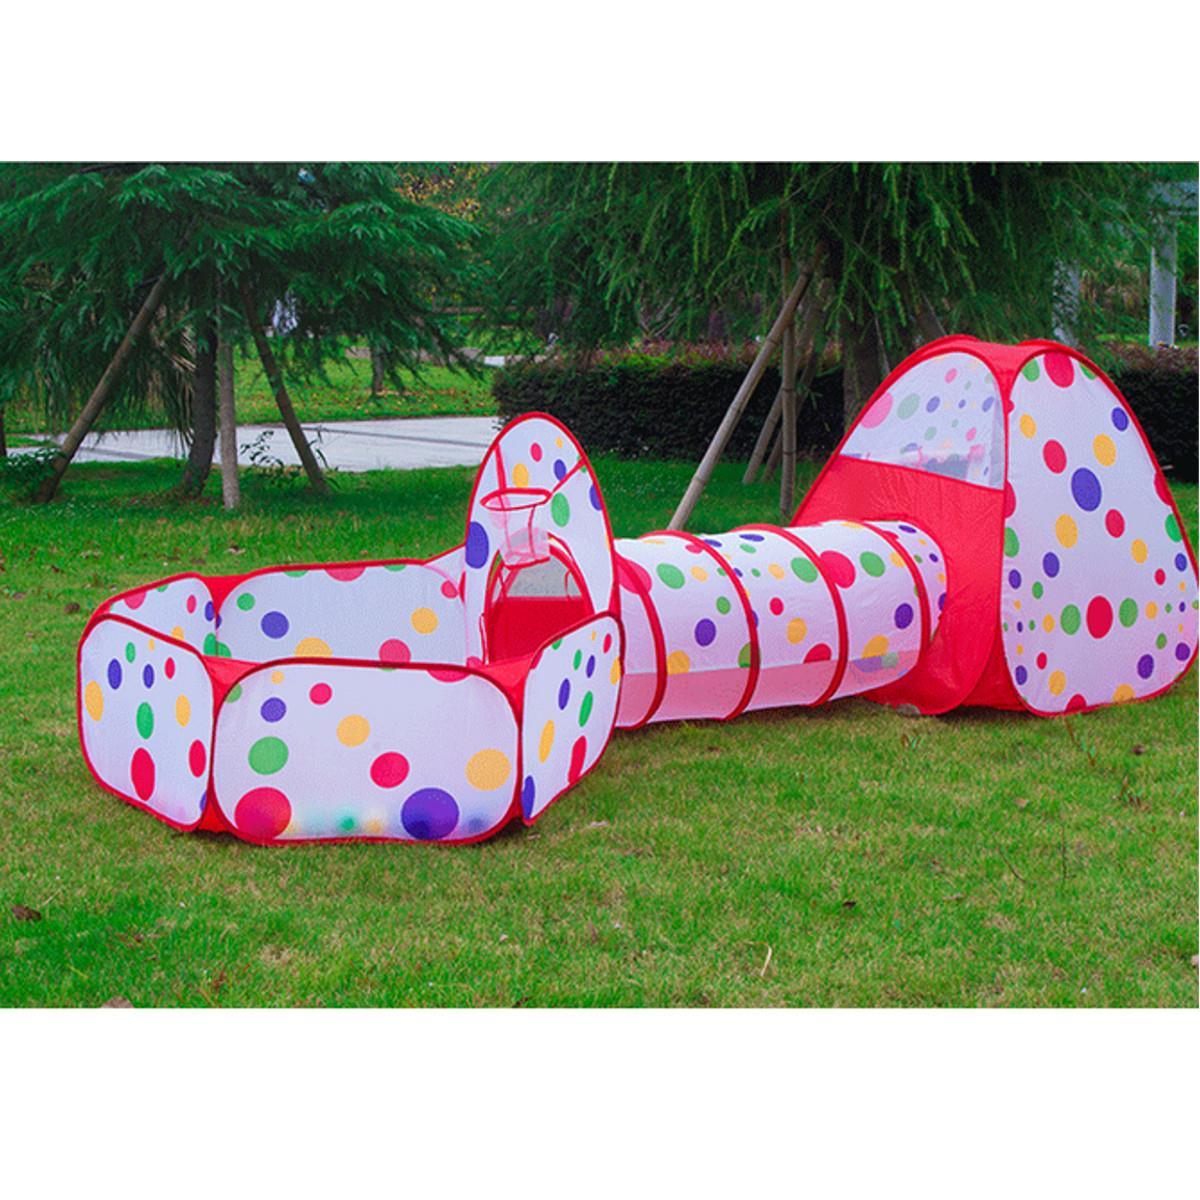 3 шт./компл. складной малышей туннель pop up play палатка Игрушечные лошадки для детей Крытый Открытый театр дети играют игровой Игрушечные лошад...